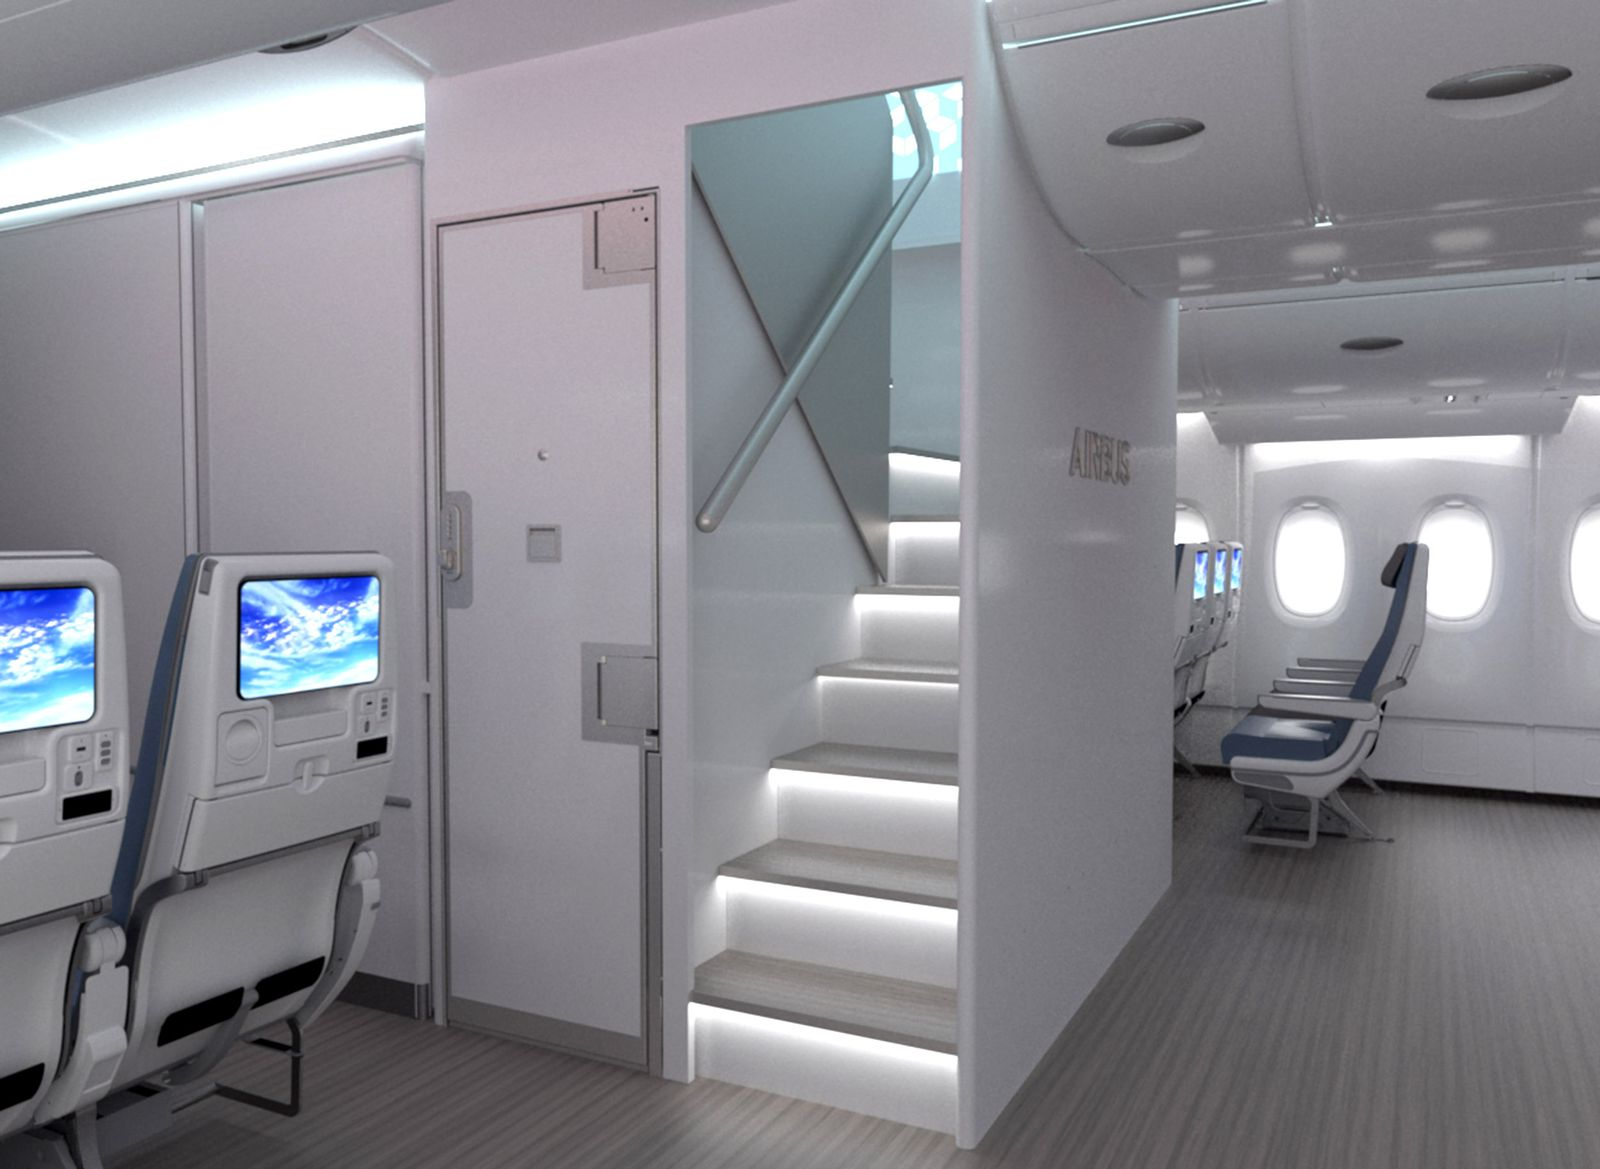 Airbus Treppe